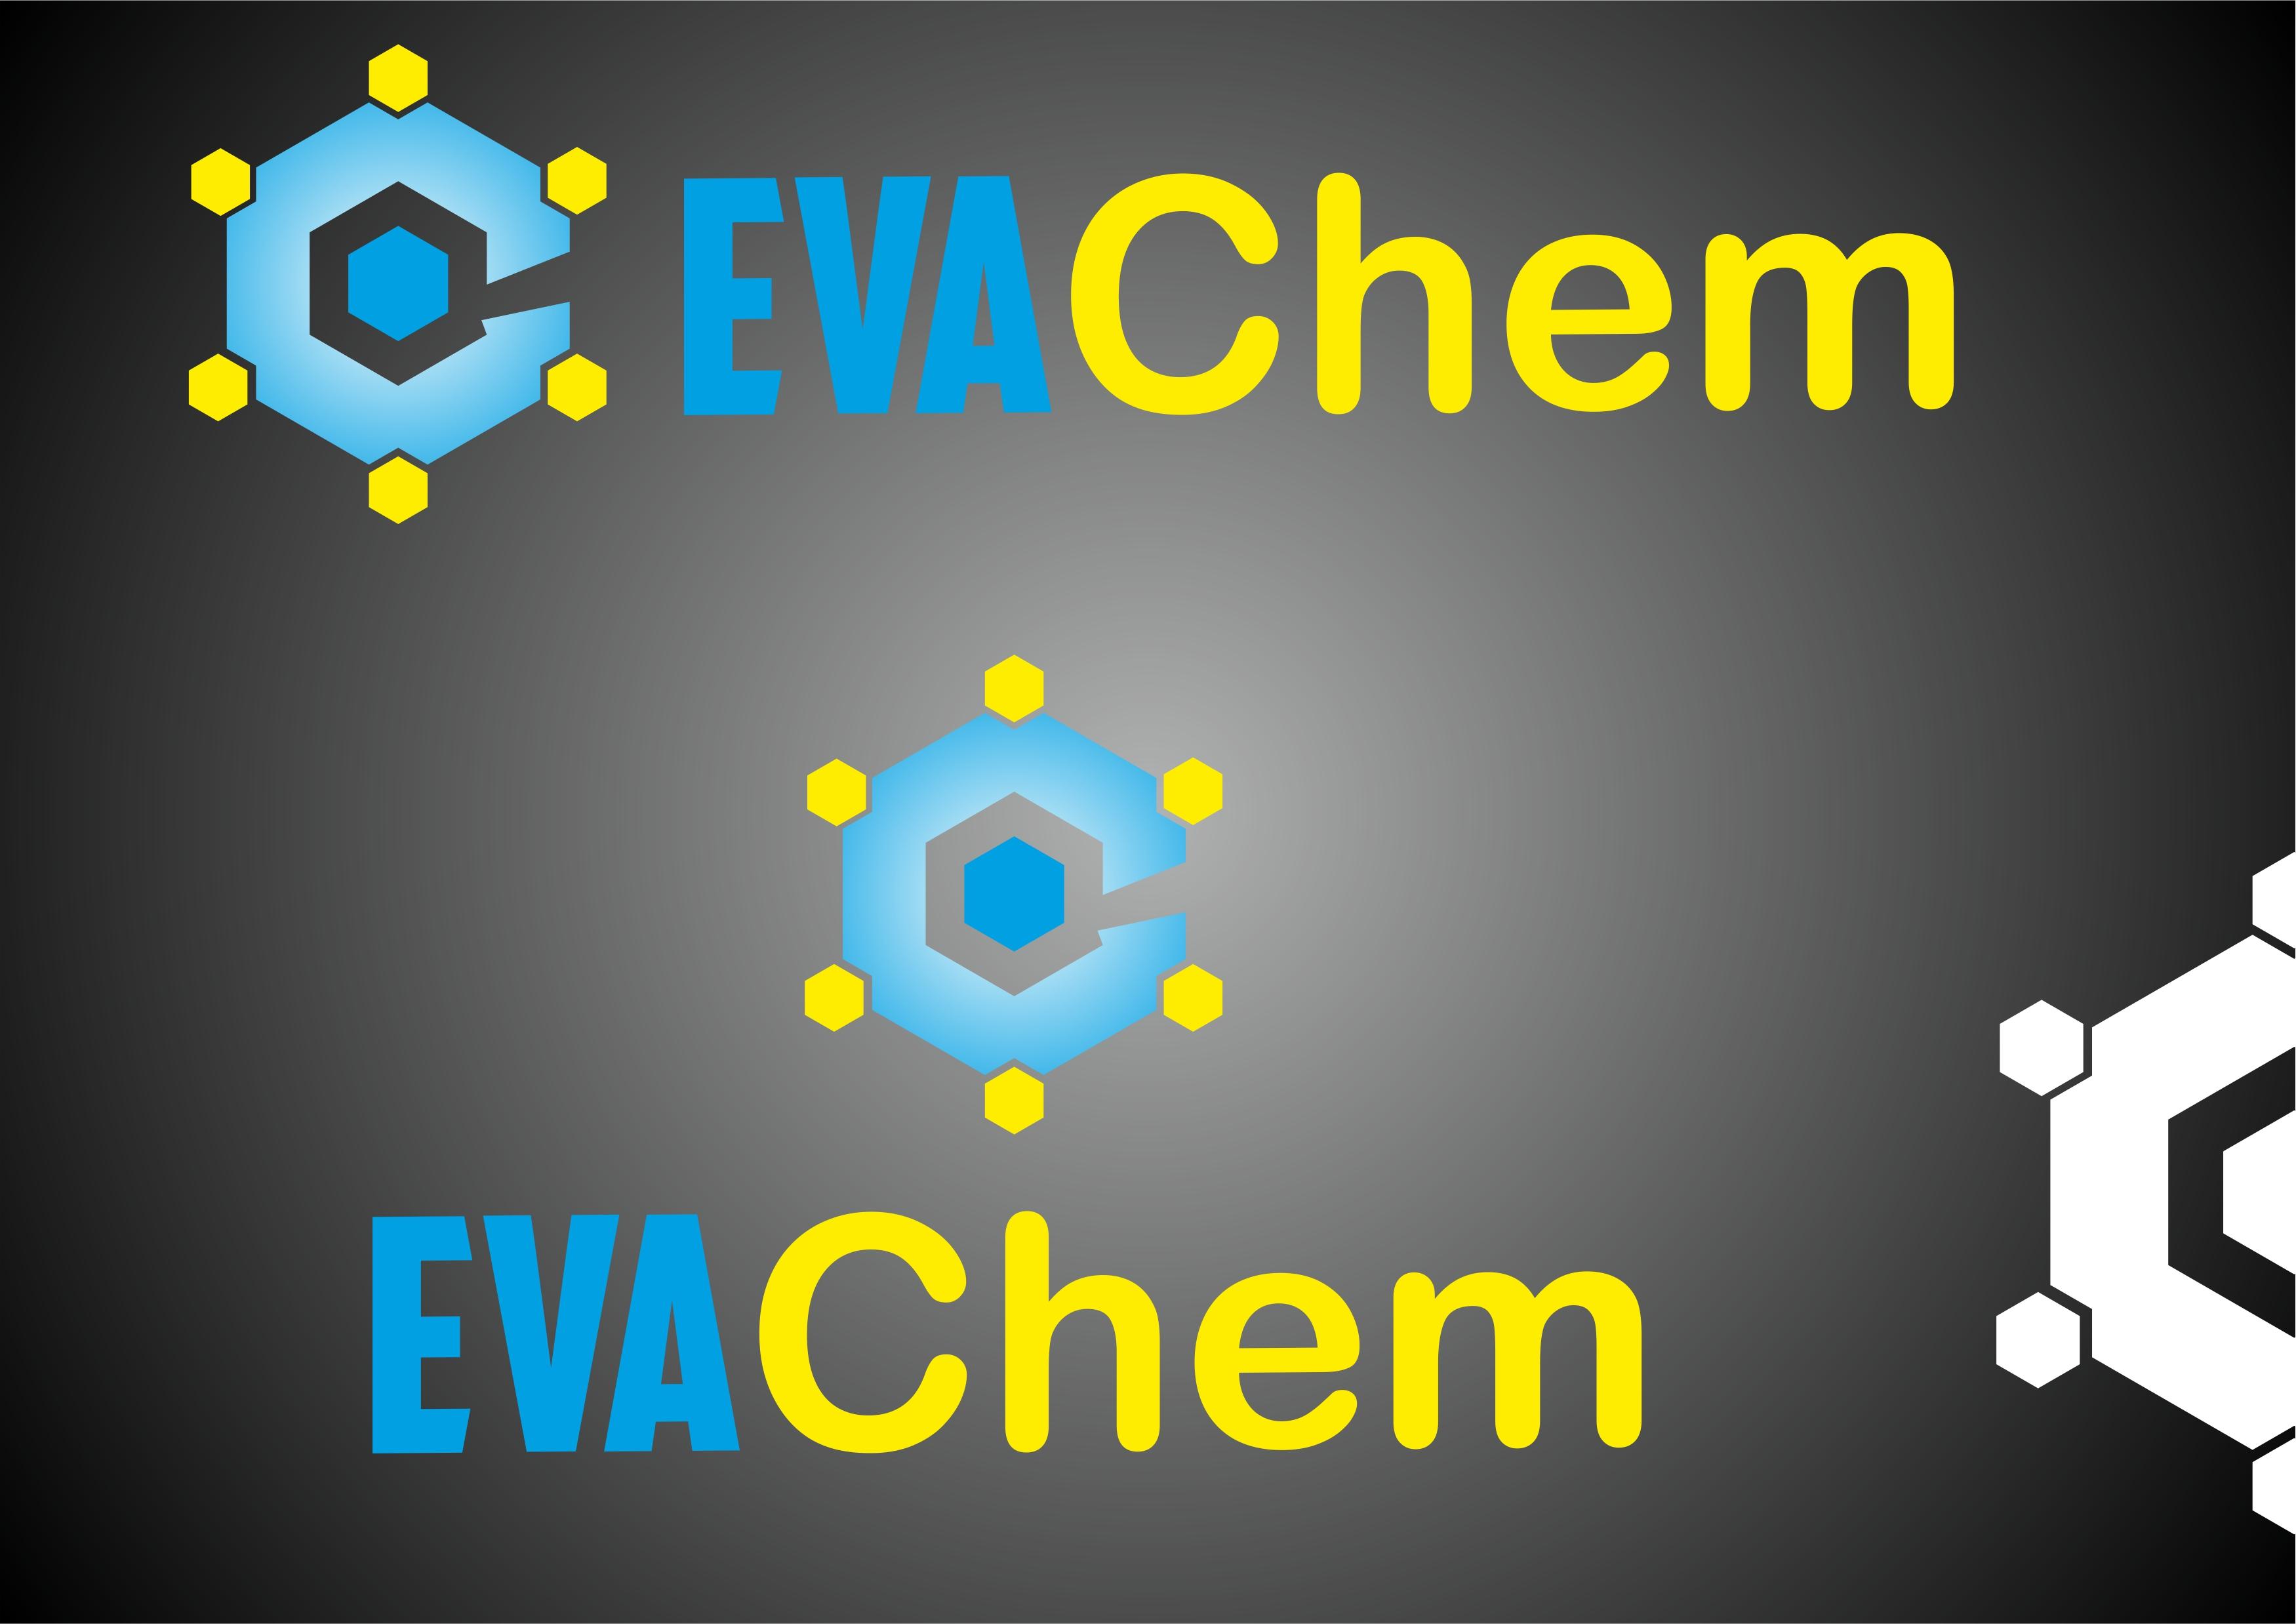 Разработка логотипа и фирменного стиля компании фото f_413571f209564359.jpg